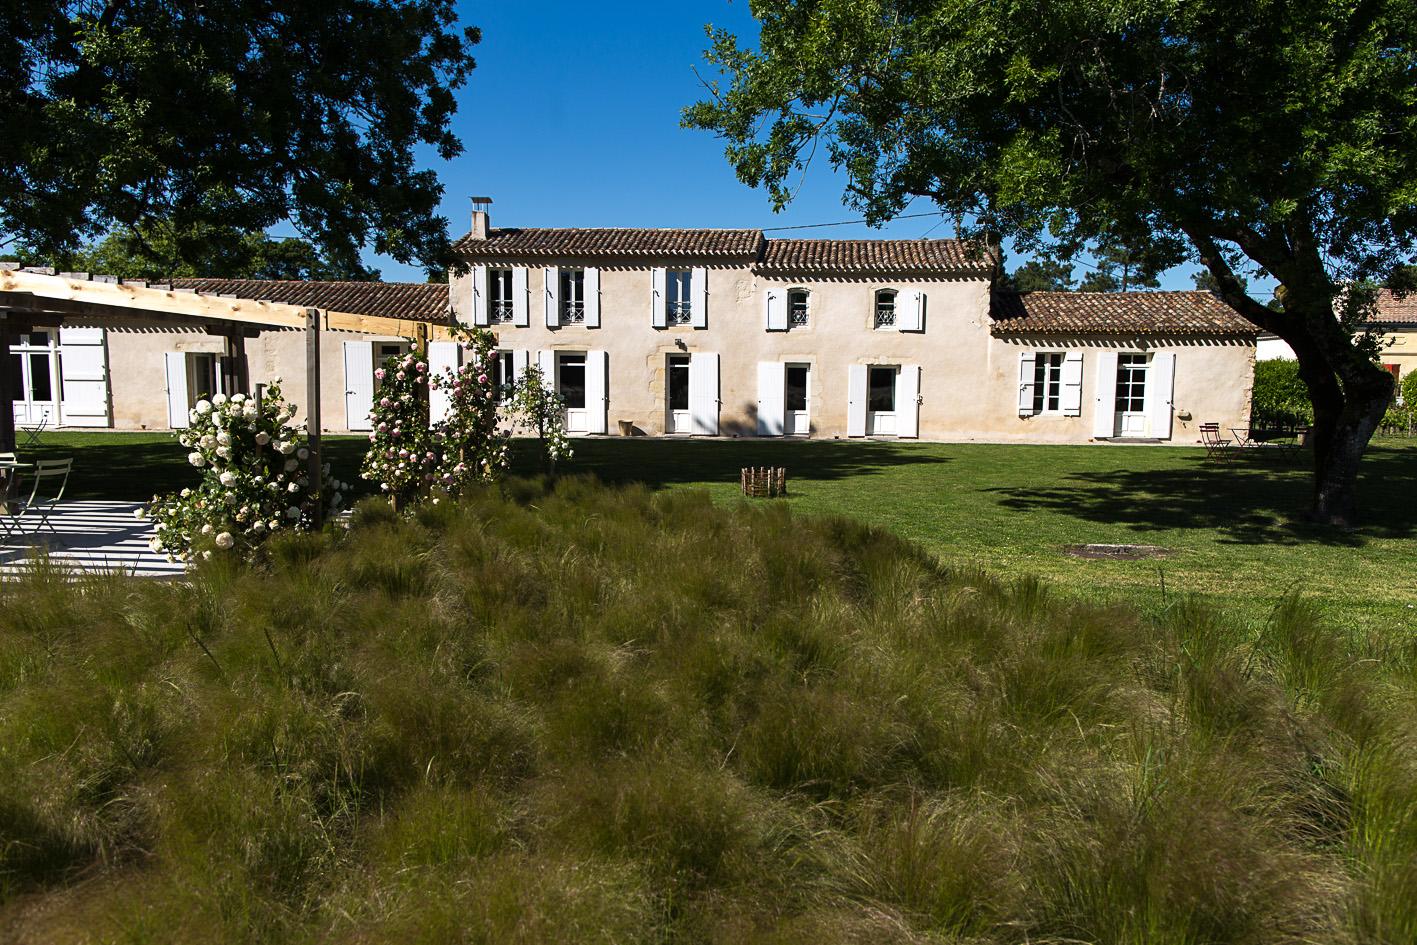 Château Myon de l'Enclos - Château